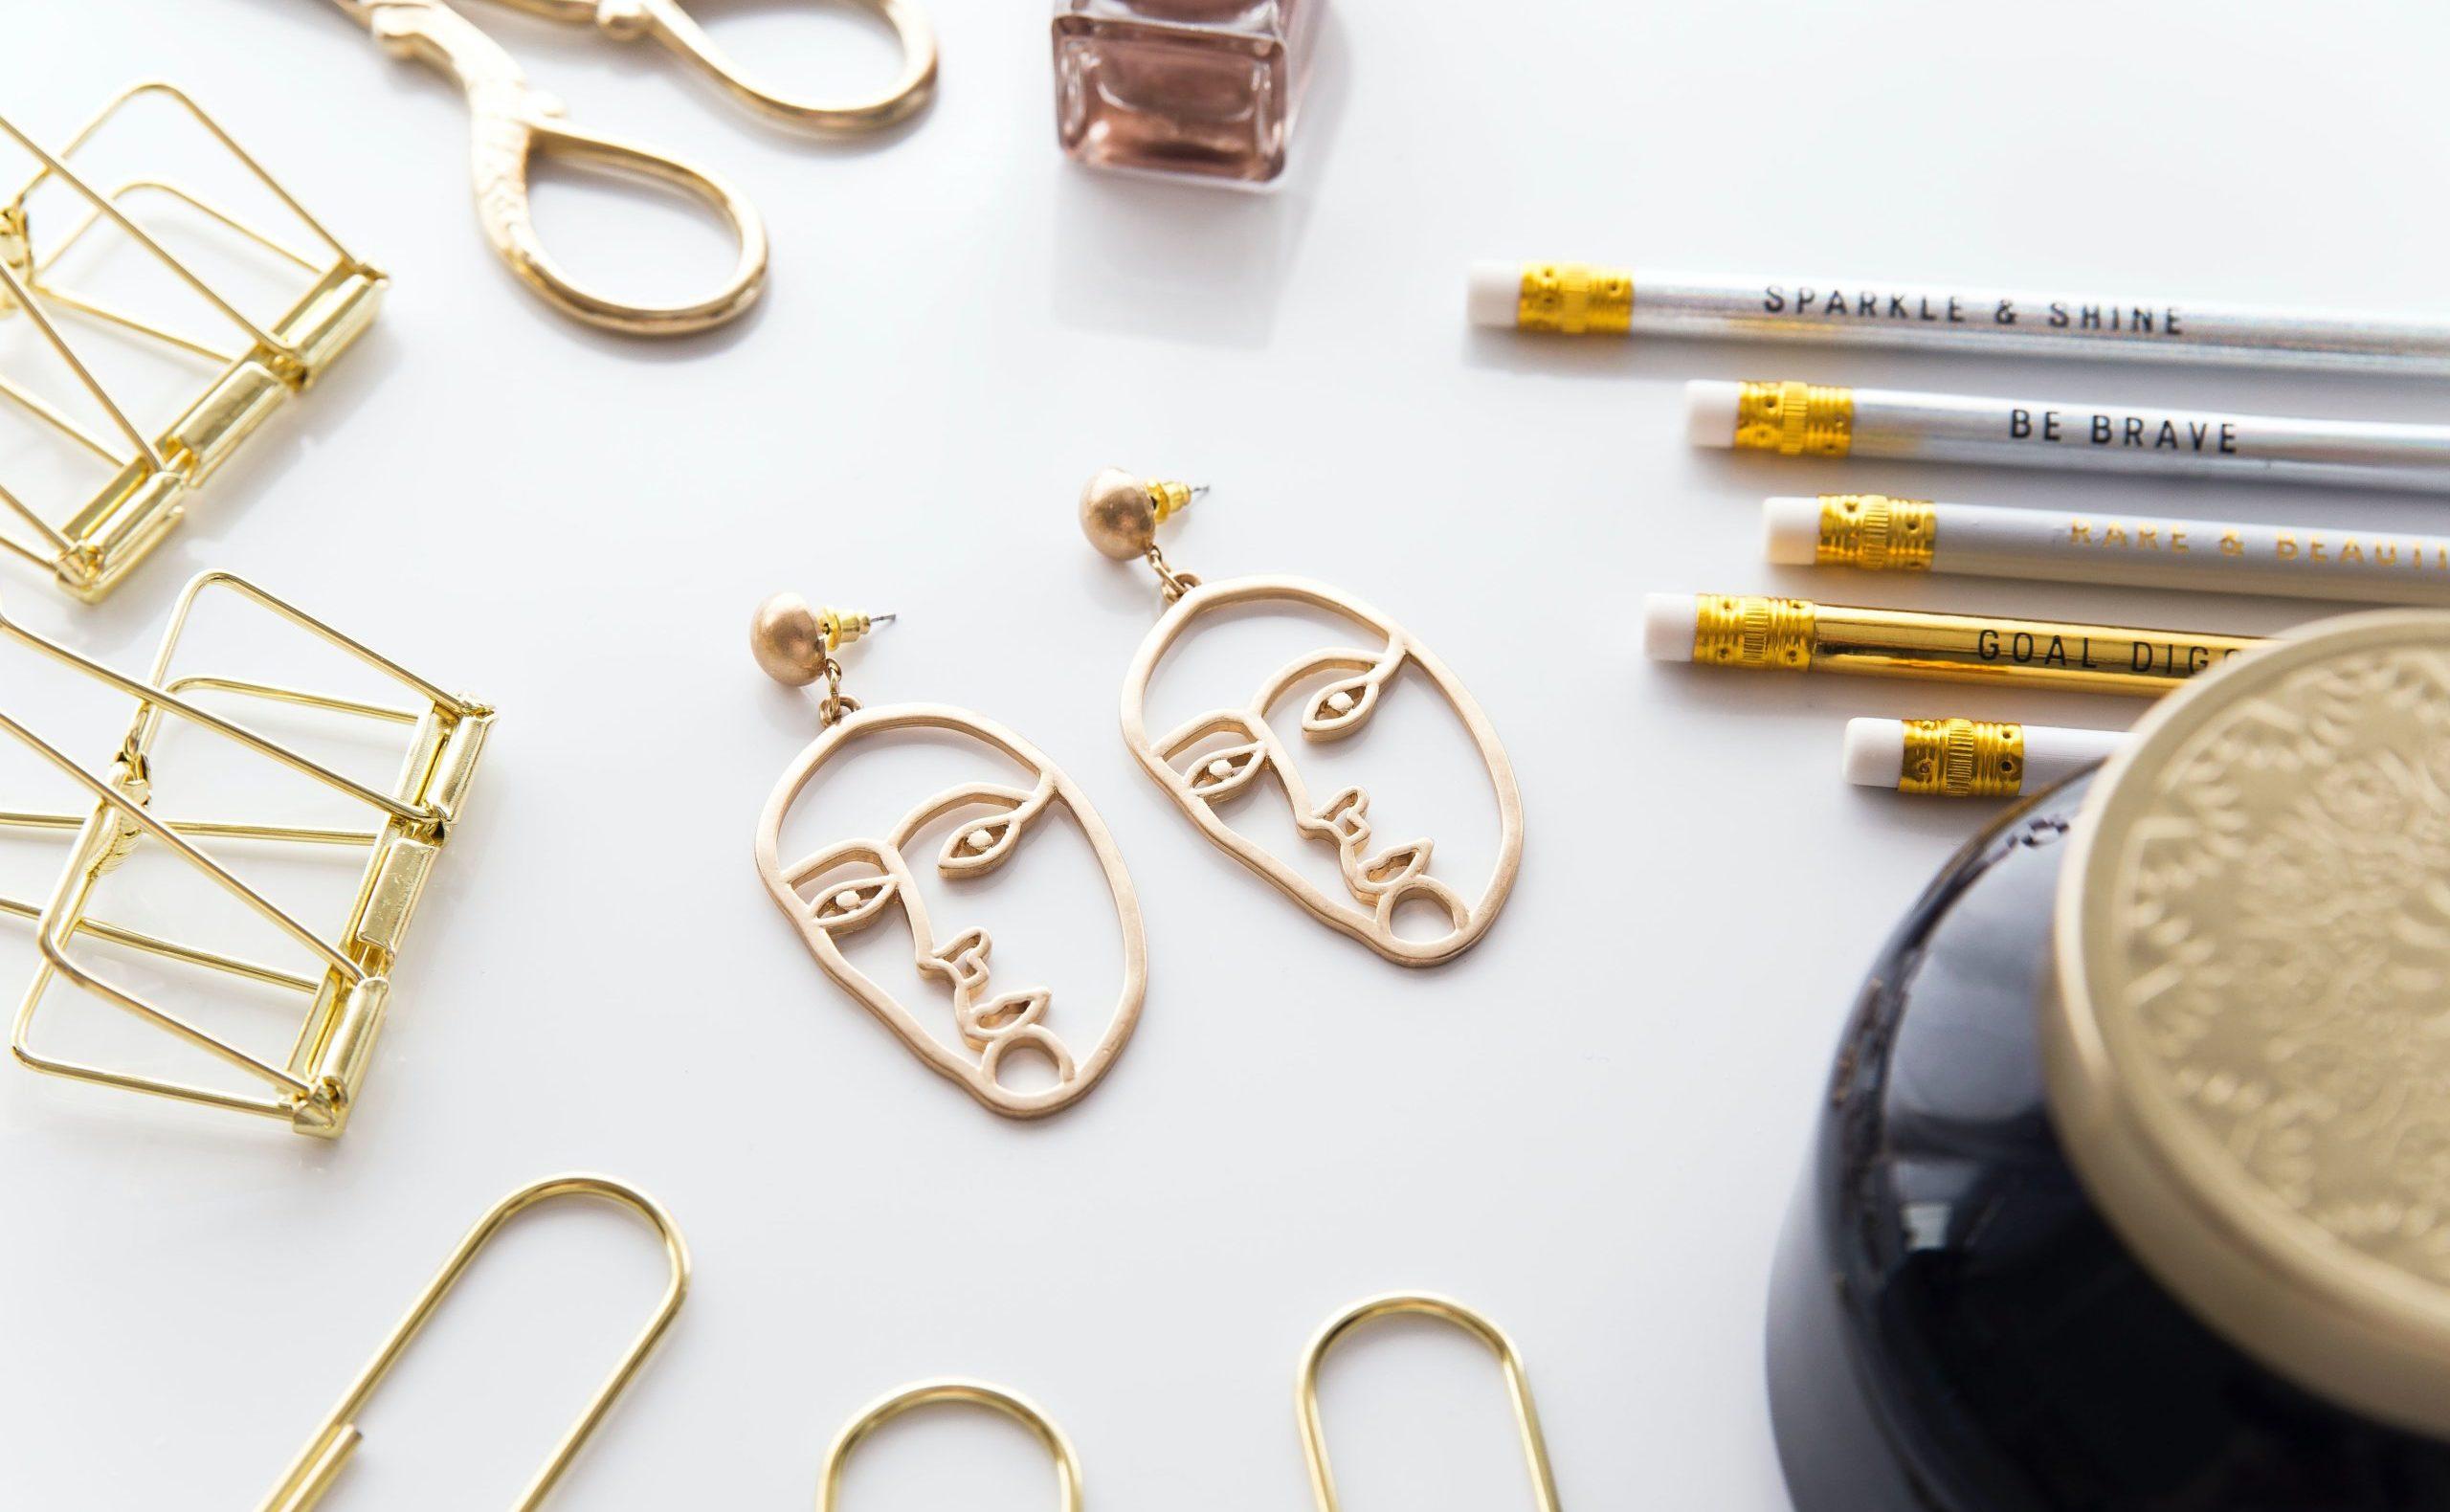 Cómo limpiar el oro - joyas en mesa con detalles dorados